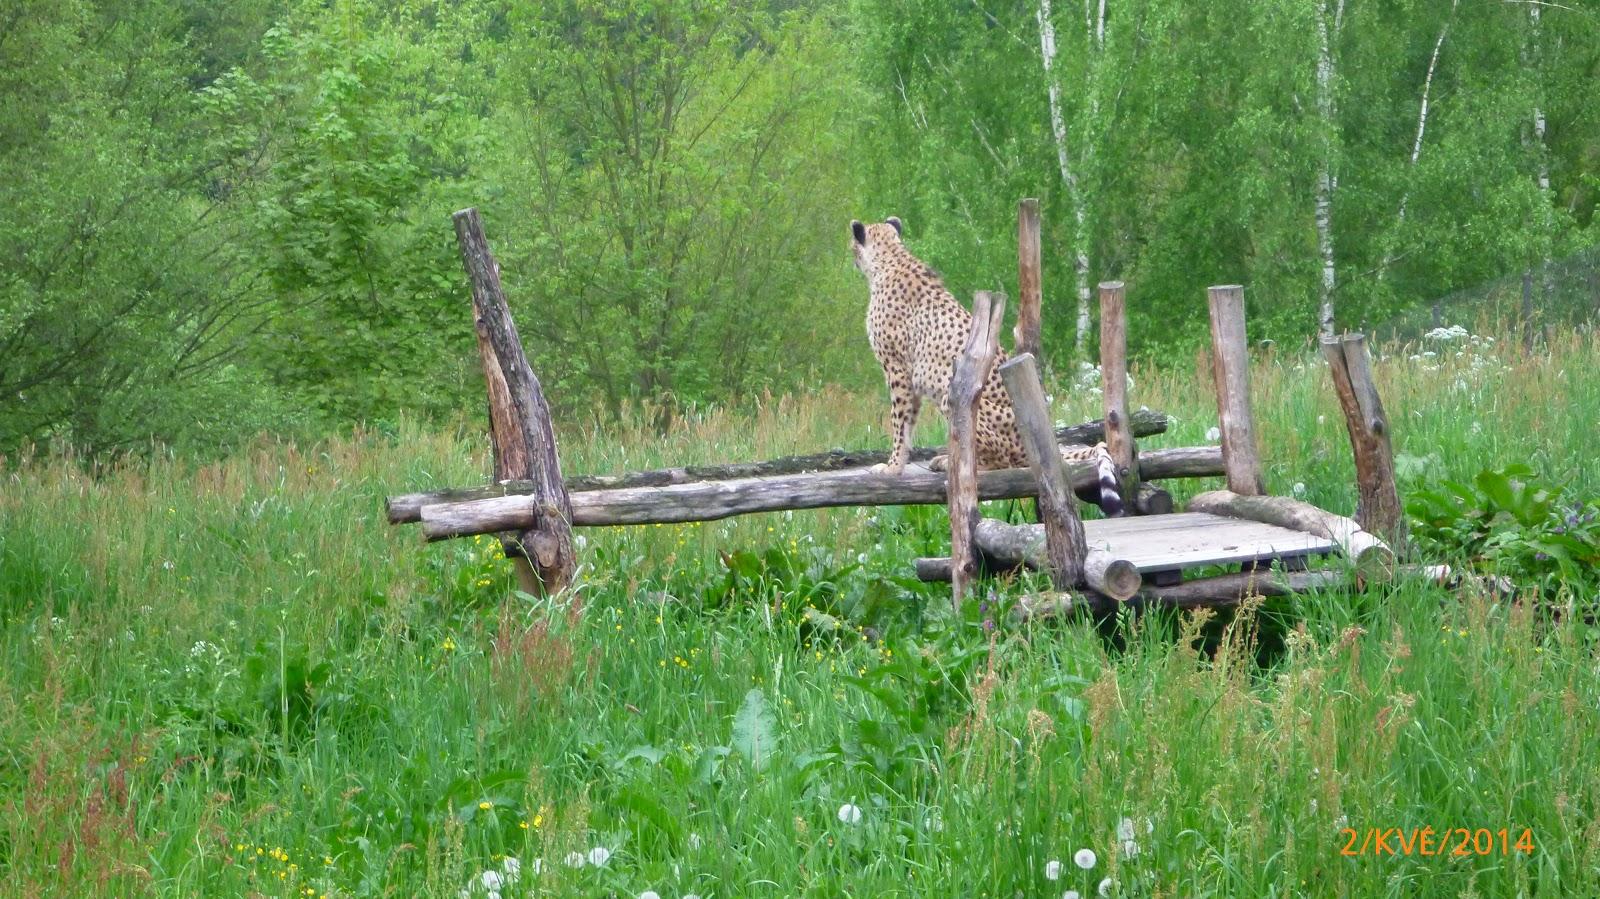 https://www.kempy-chaty.cz/sites/default/files/turistika/safari_dvur_kralove1.jpg